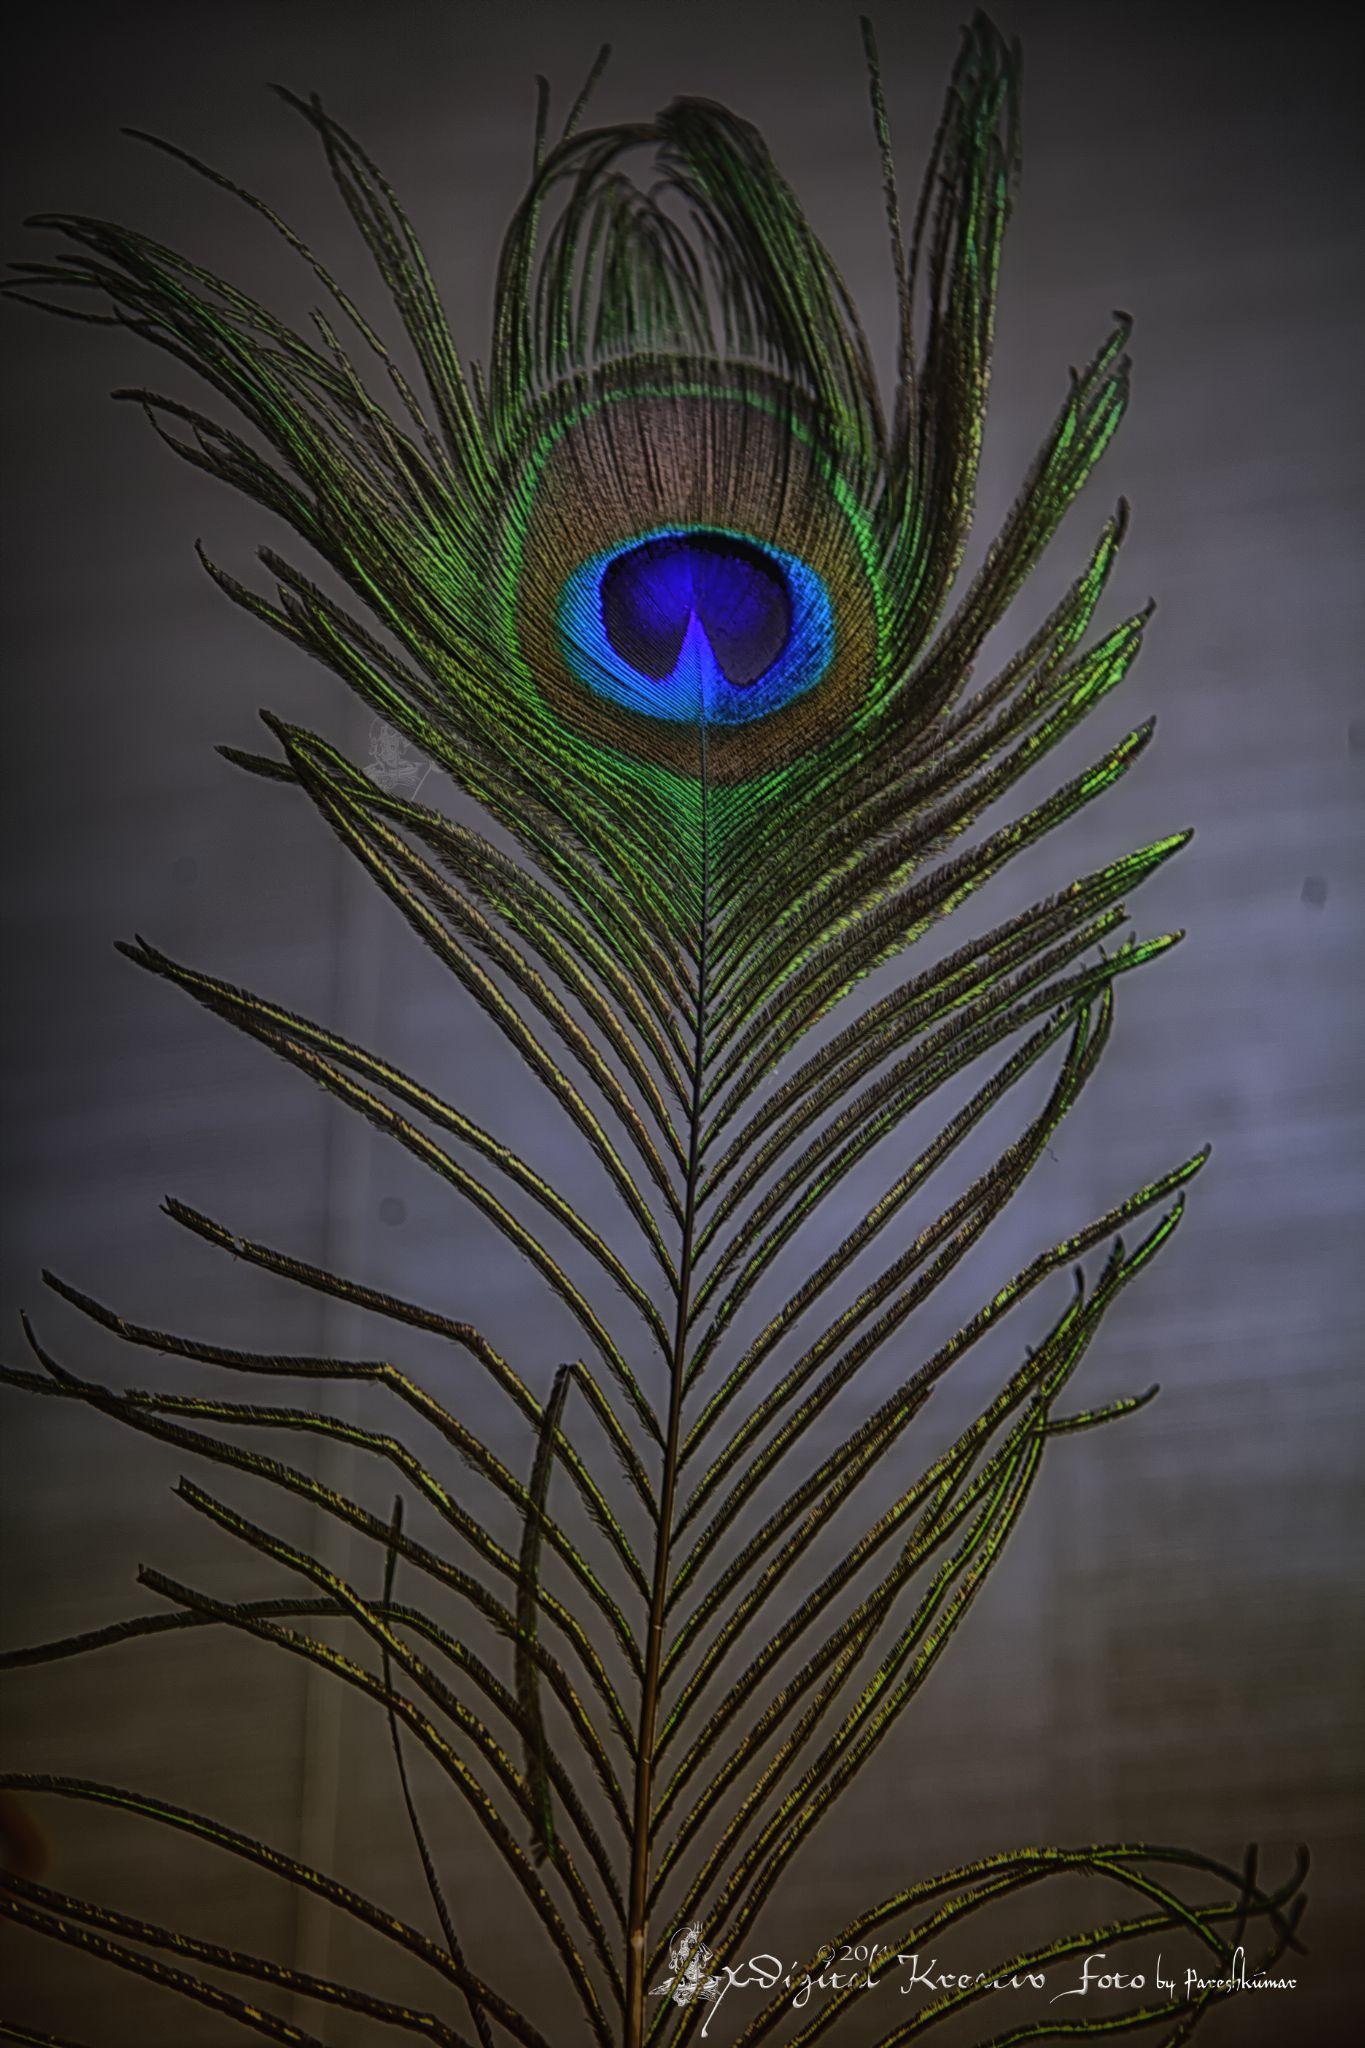 Peacock Feather by Wow! Photos.Eu